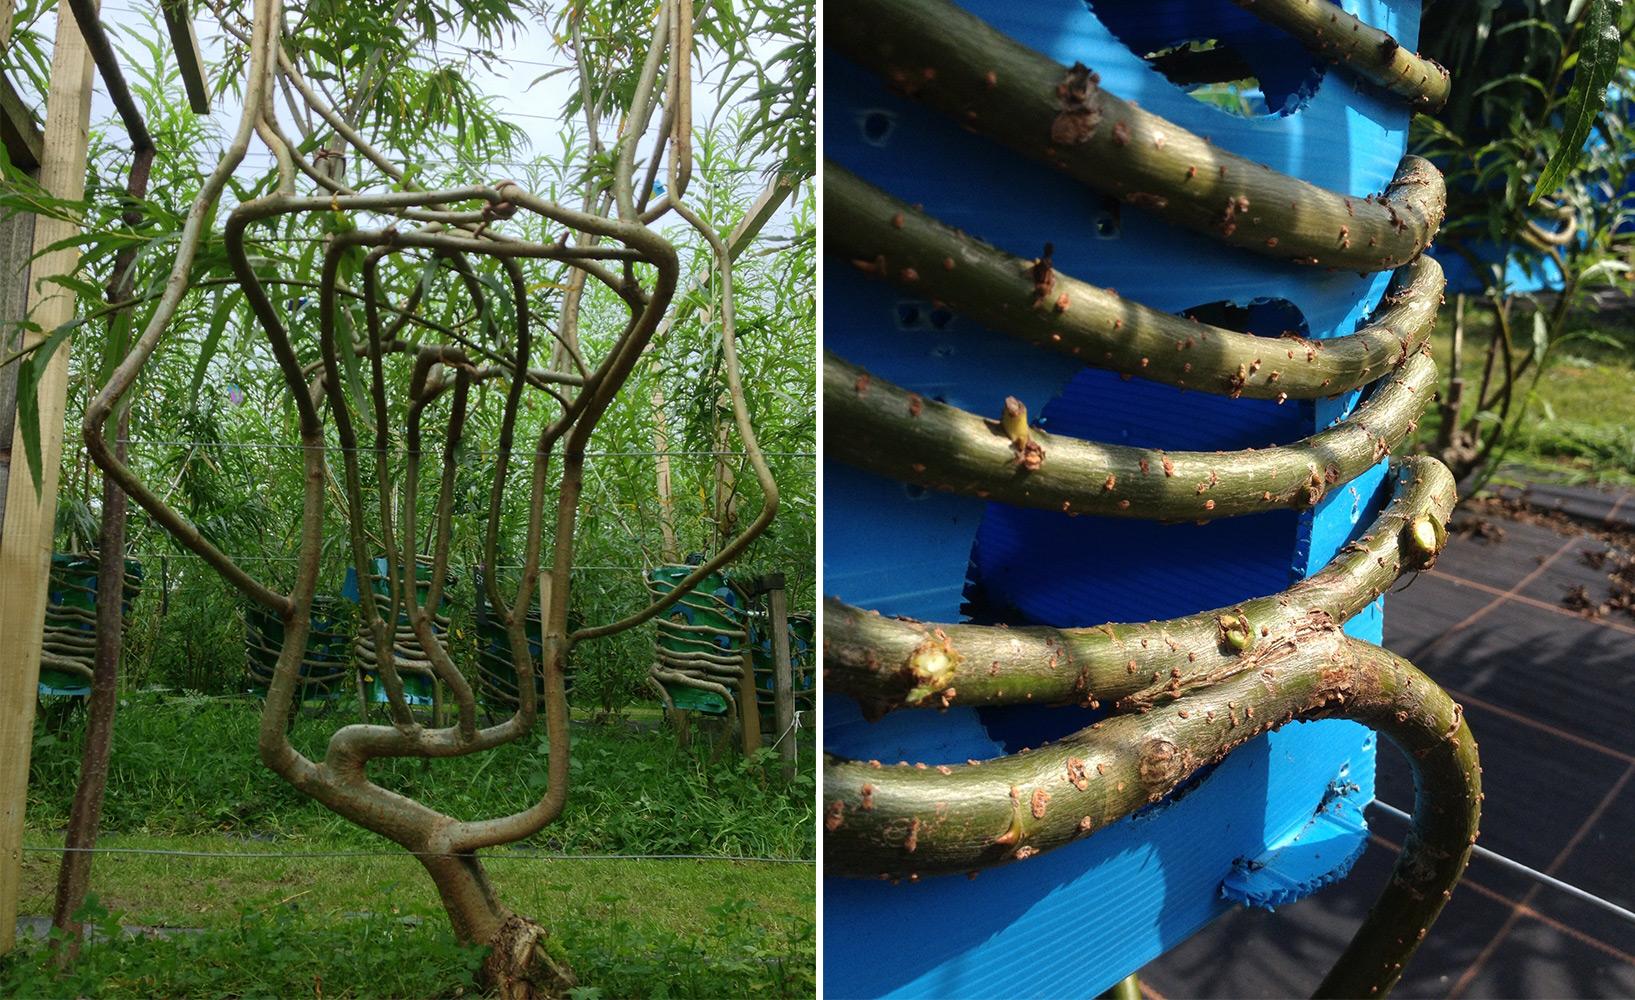 Einfache Dekoration Und Mobel Natuerlich Wohnen Mit Wachsenden Moebeln #19: Wachsende Möbel